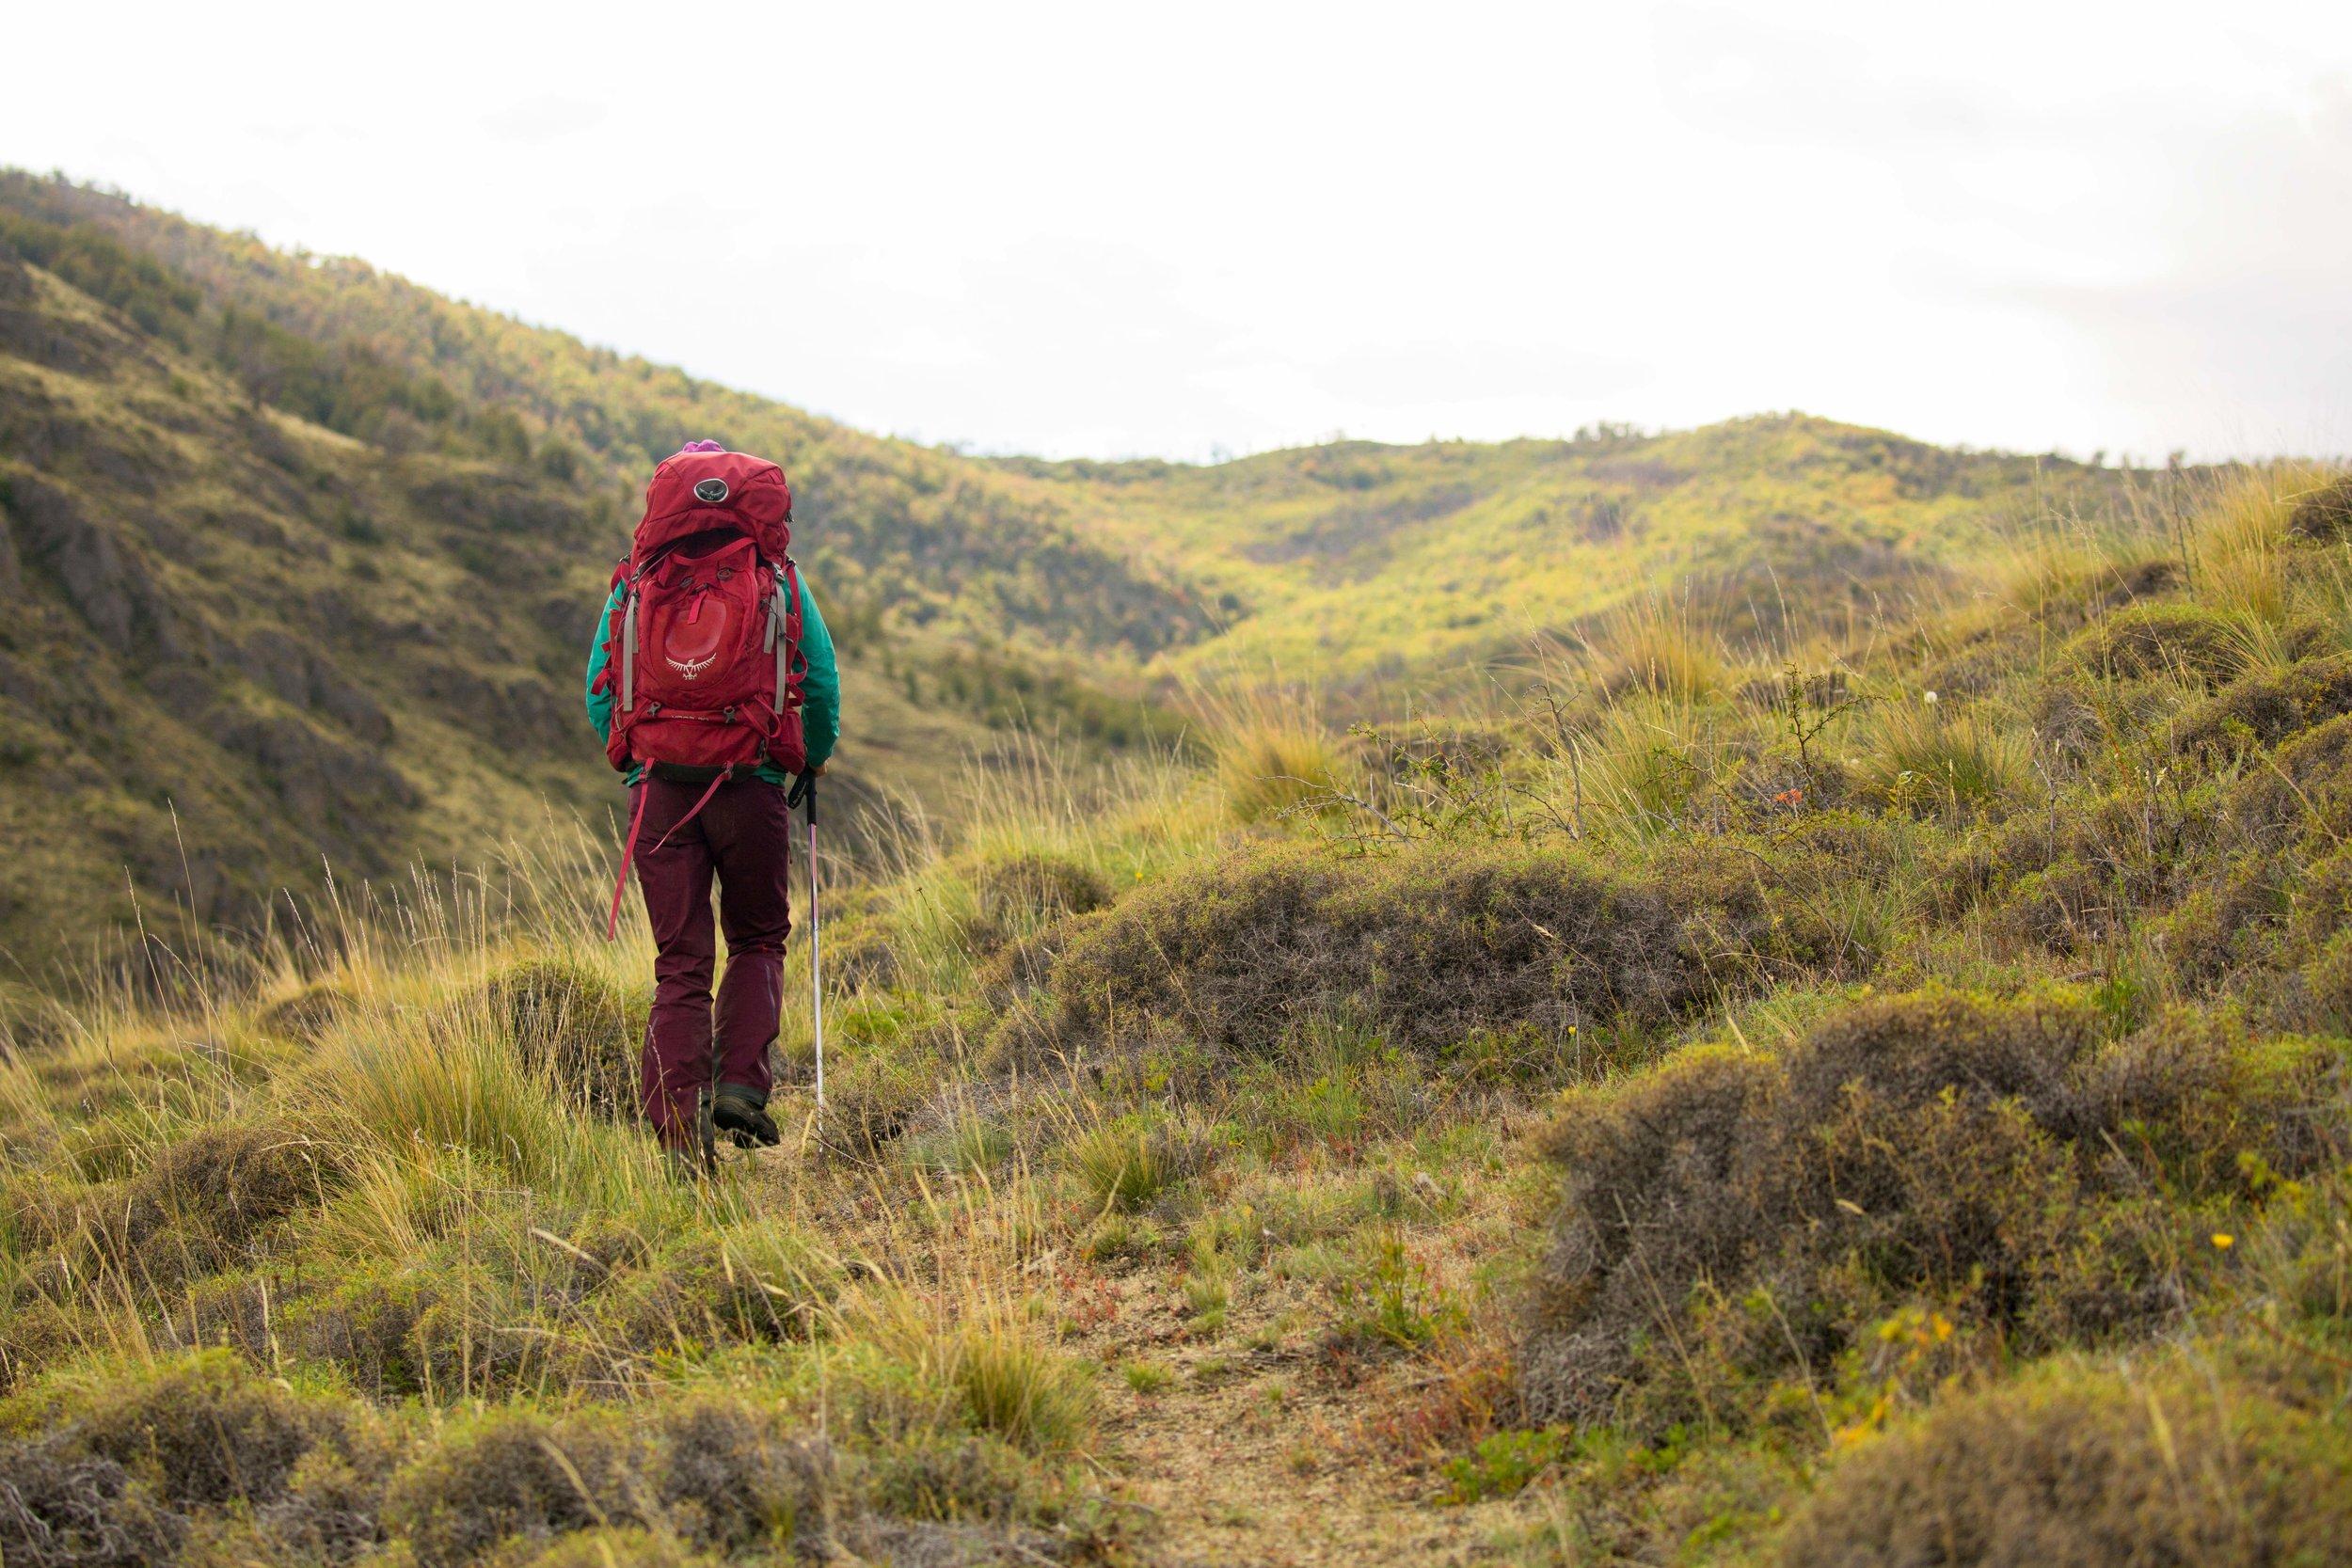 Hiking THE Los Gatos TRAIL -